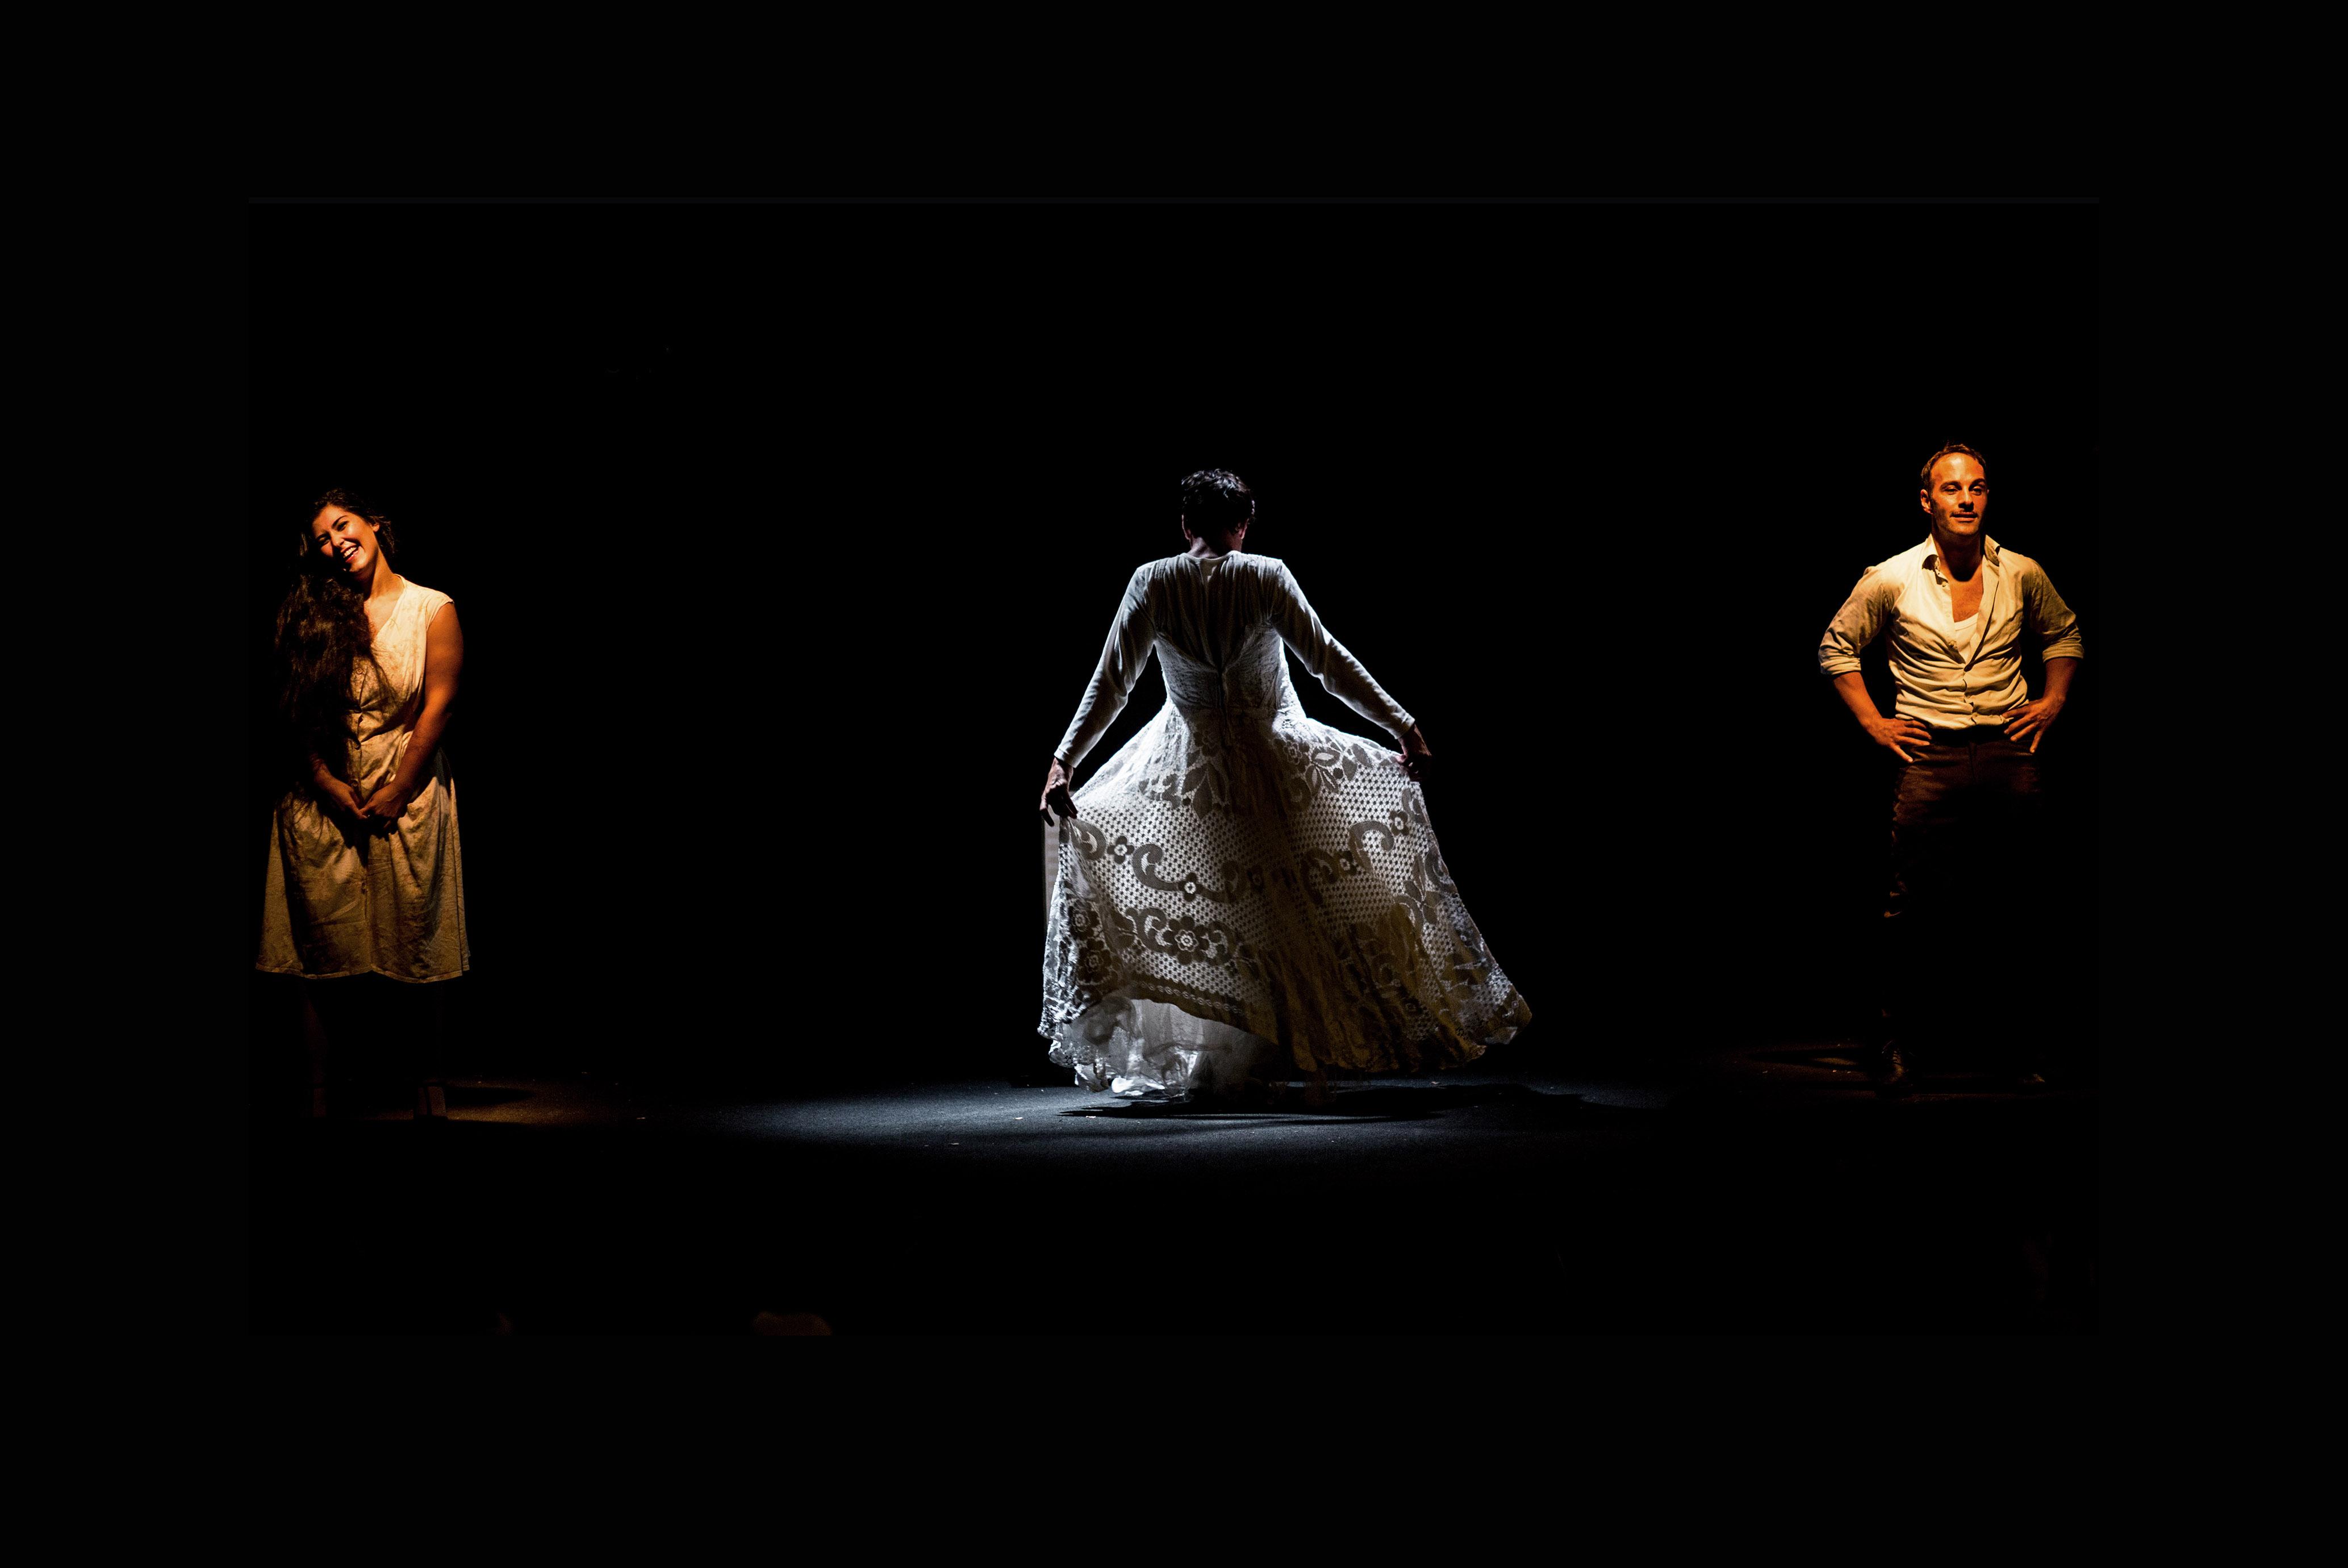 OFF OFF Theatre | IO, MAI NIENTE CON NESSUNO AVEVO FATTO dal 12 novembre